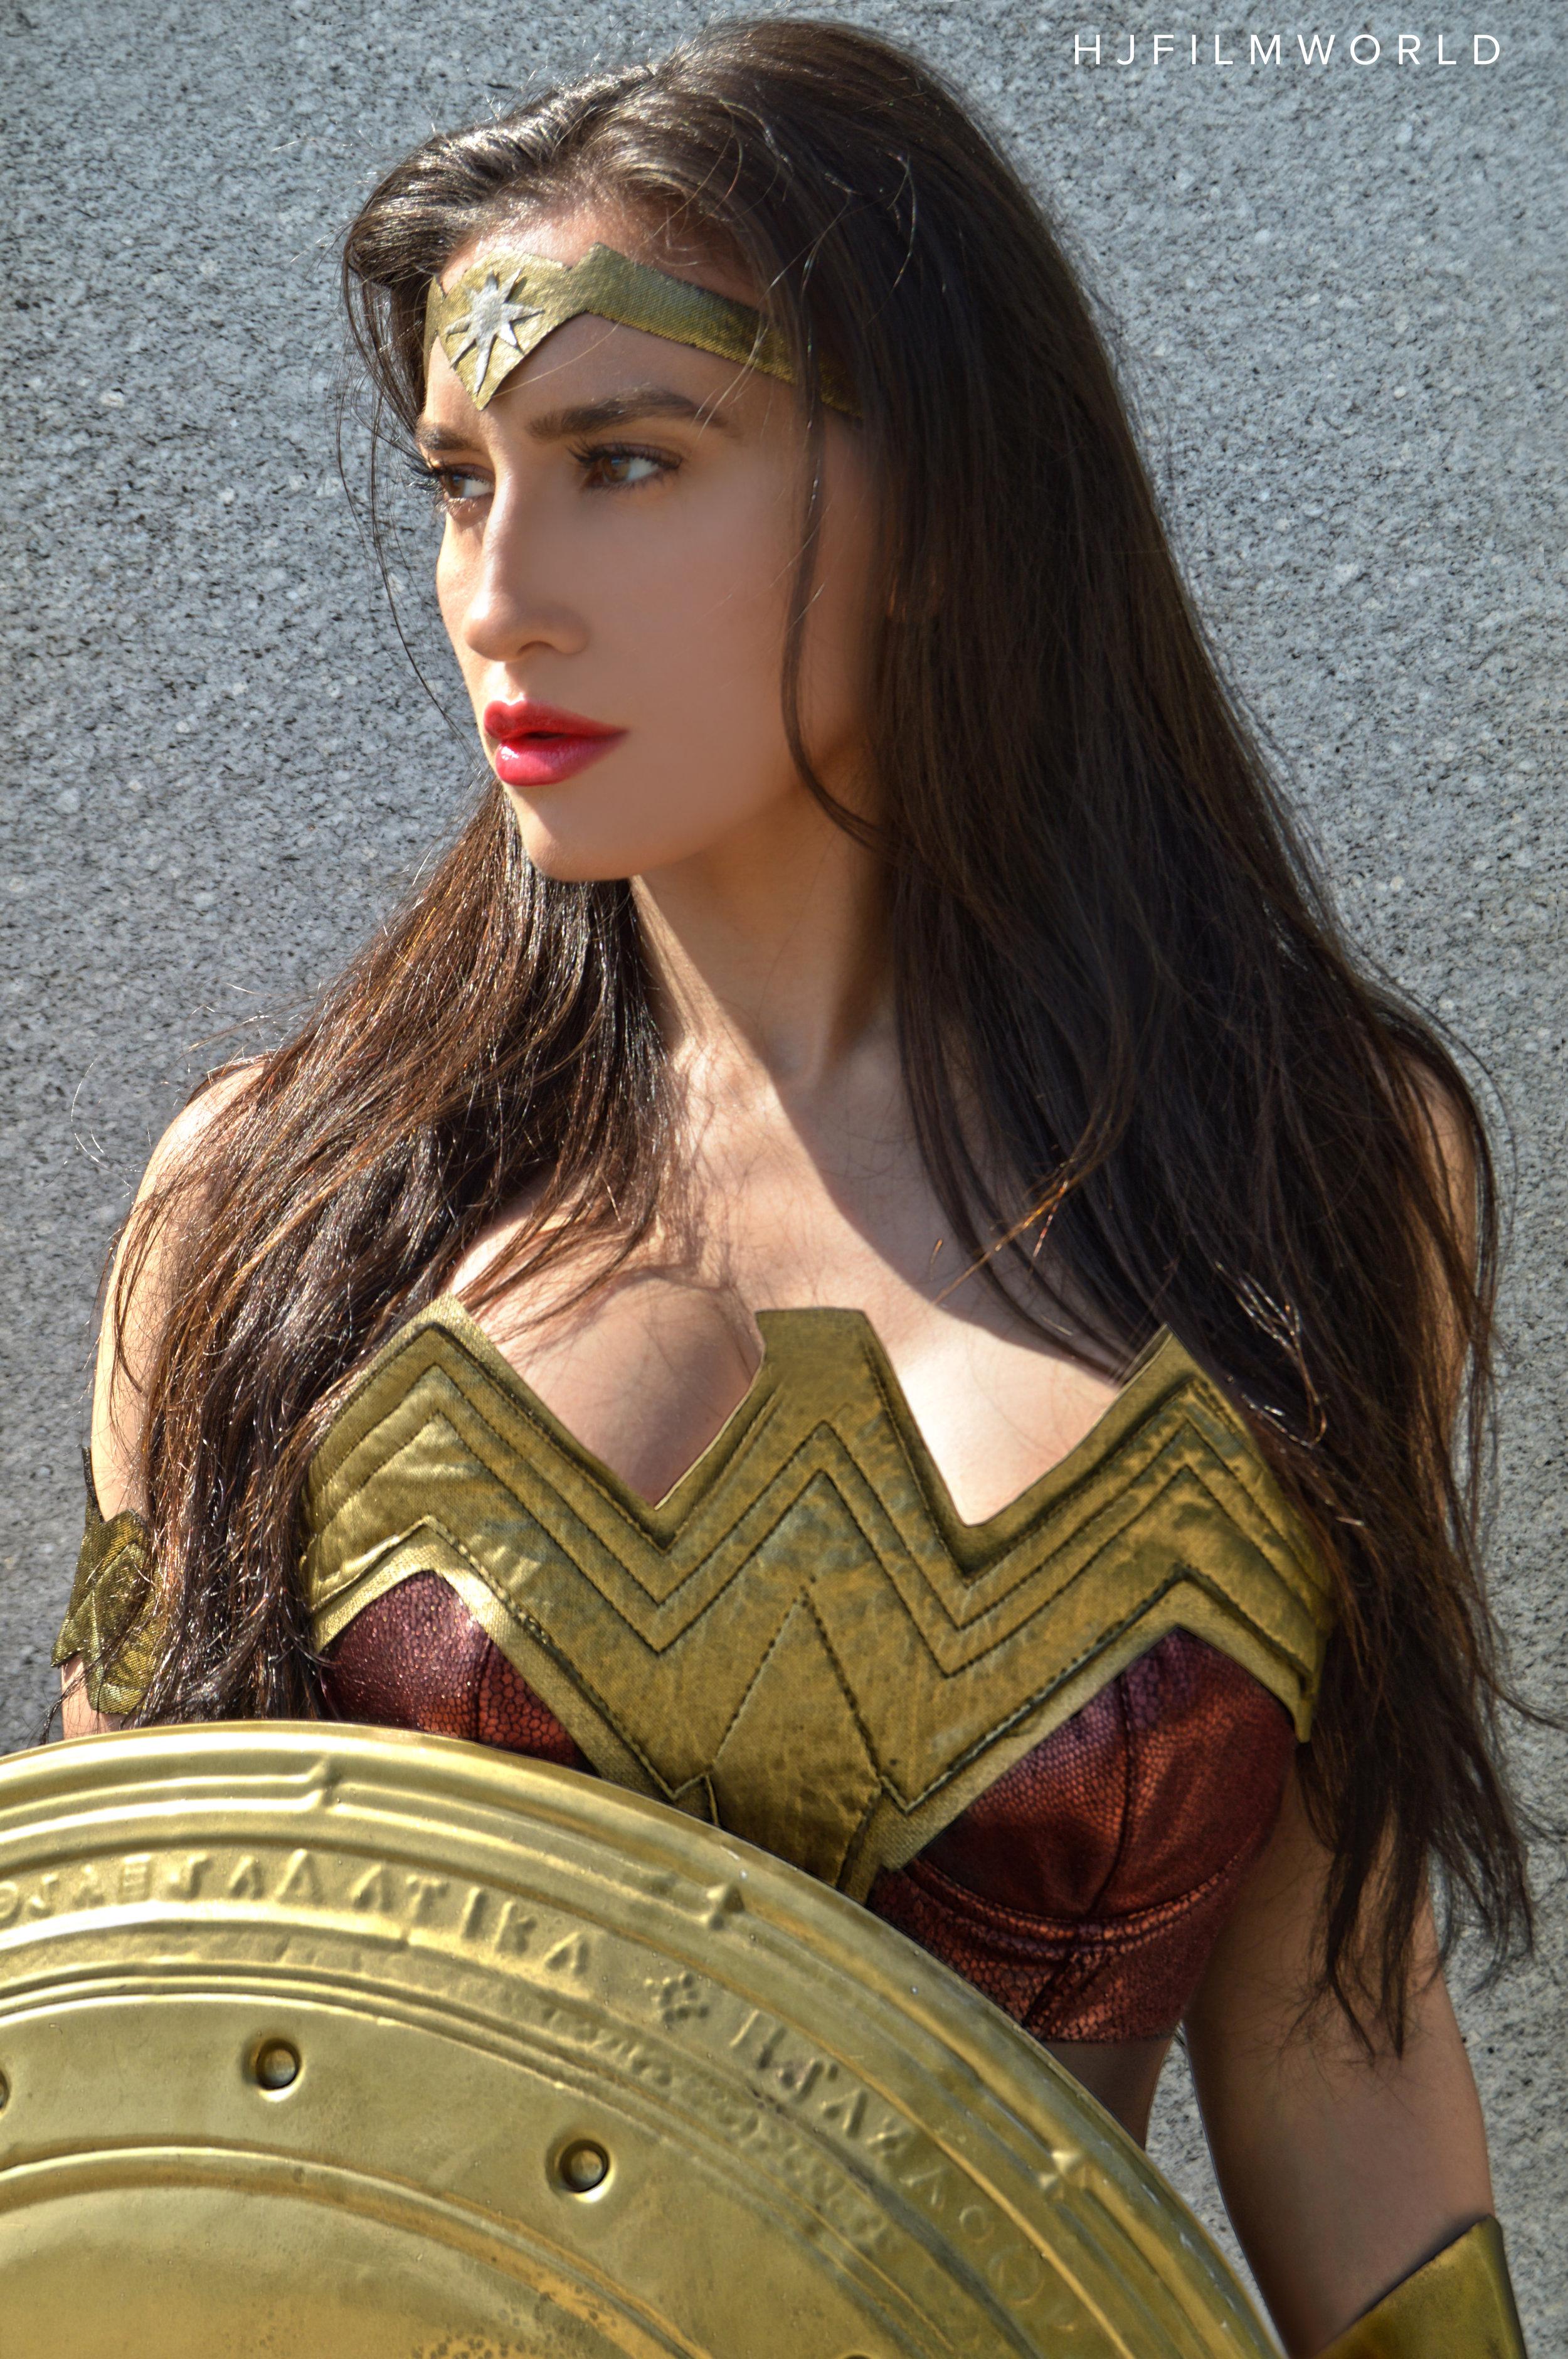 Model: Mariesa Streett